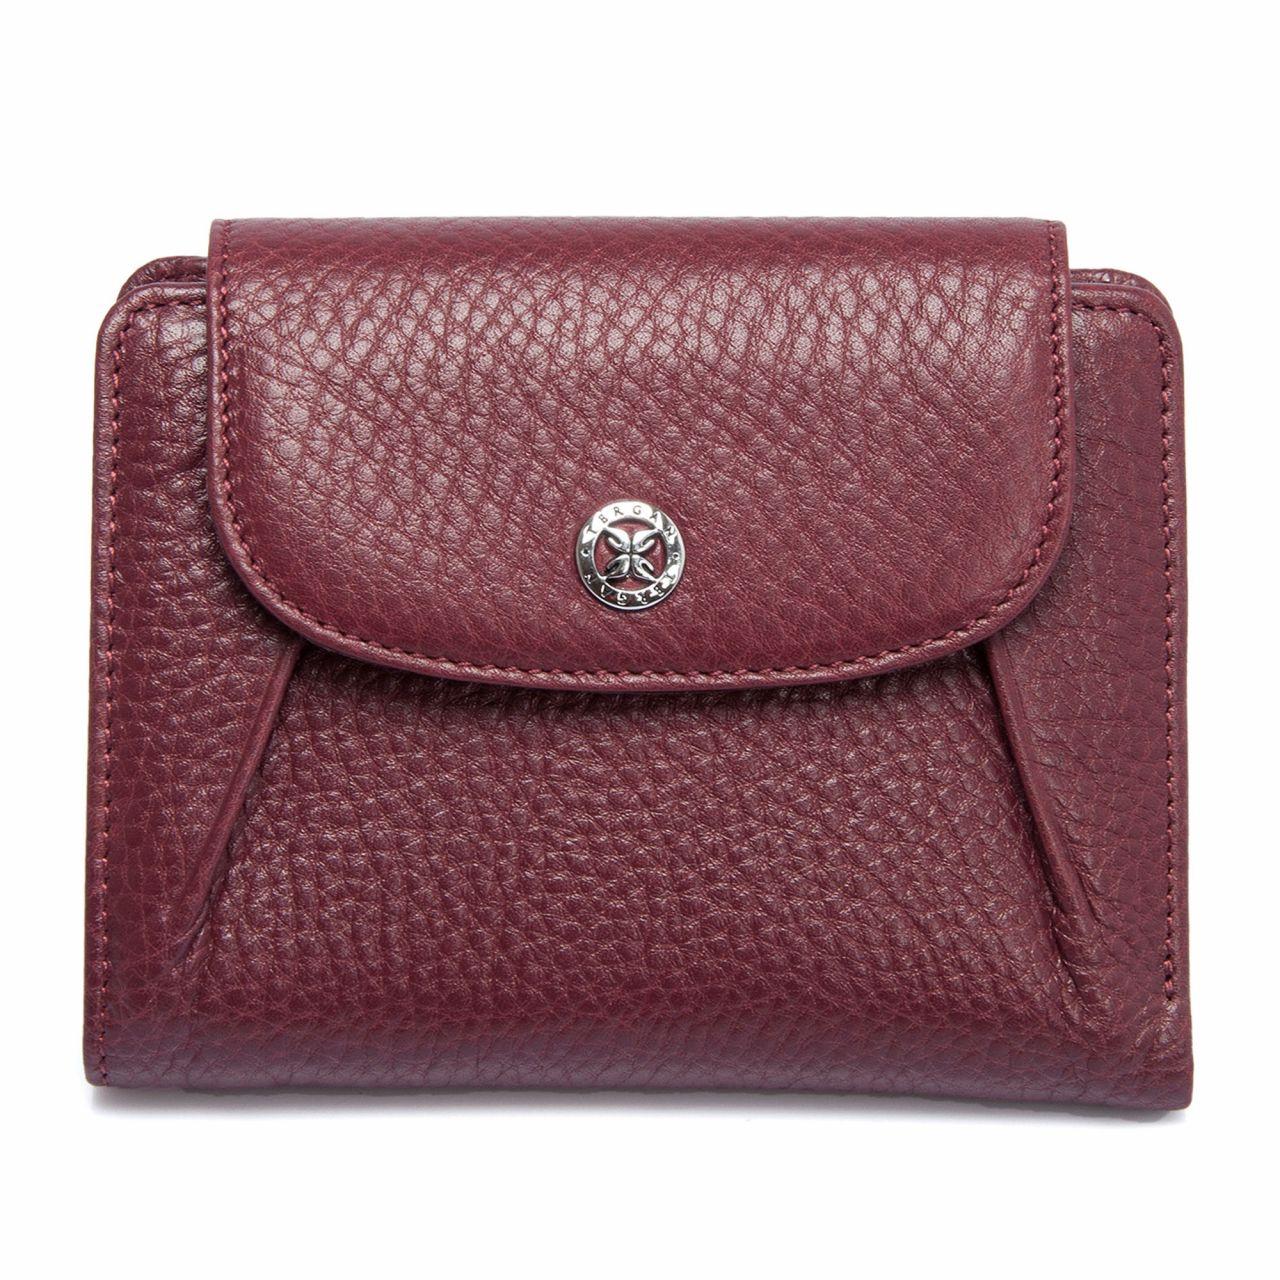 Bordeaux leather Wallet